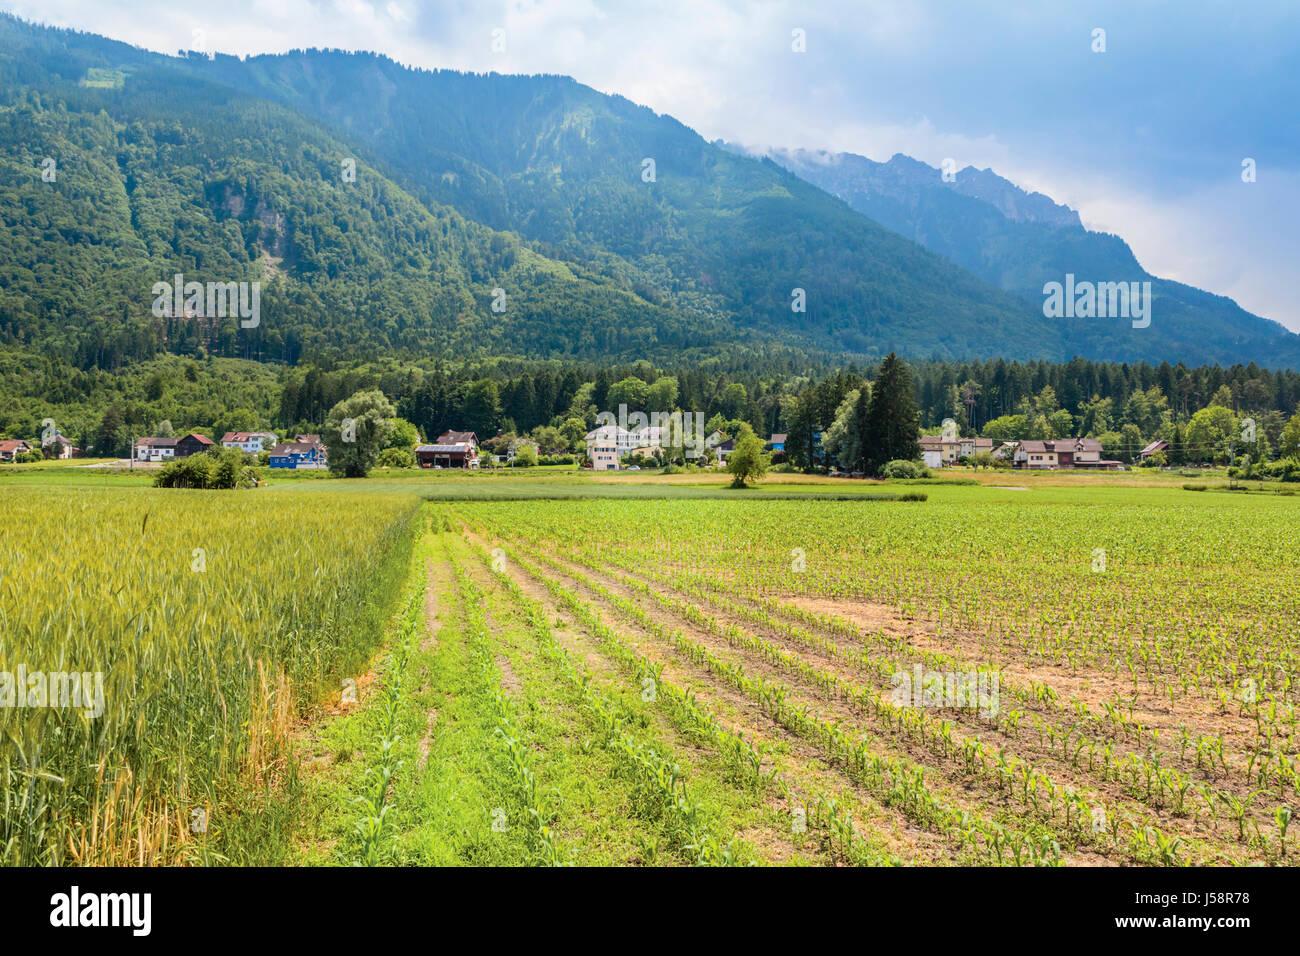 Liechtenstein.  Farming scene. Stock Photo